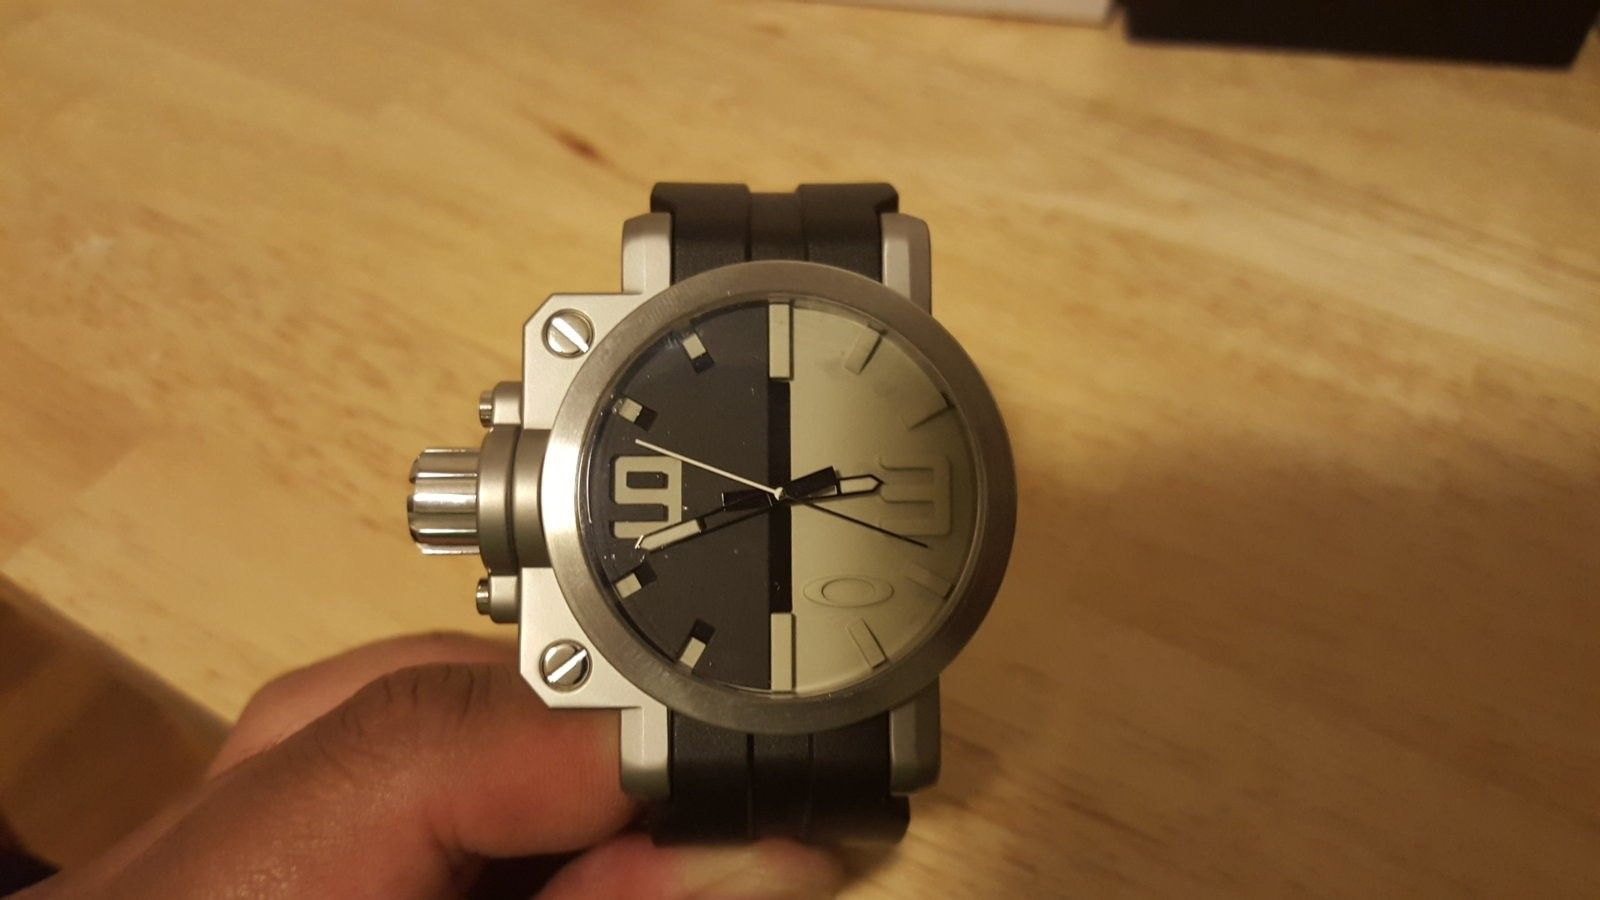 PRICE DROP: Watches- Bottle Cap / Gearbox - 20160306_191046.jpg